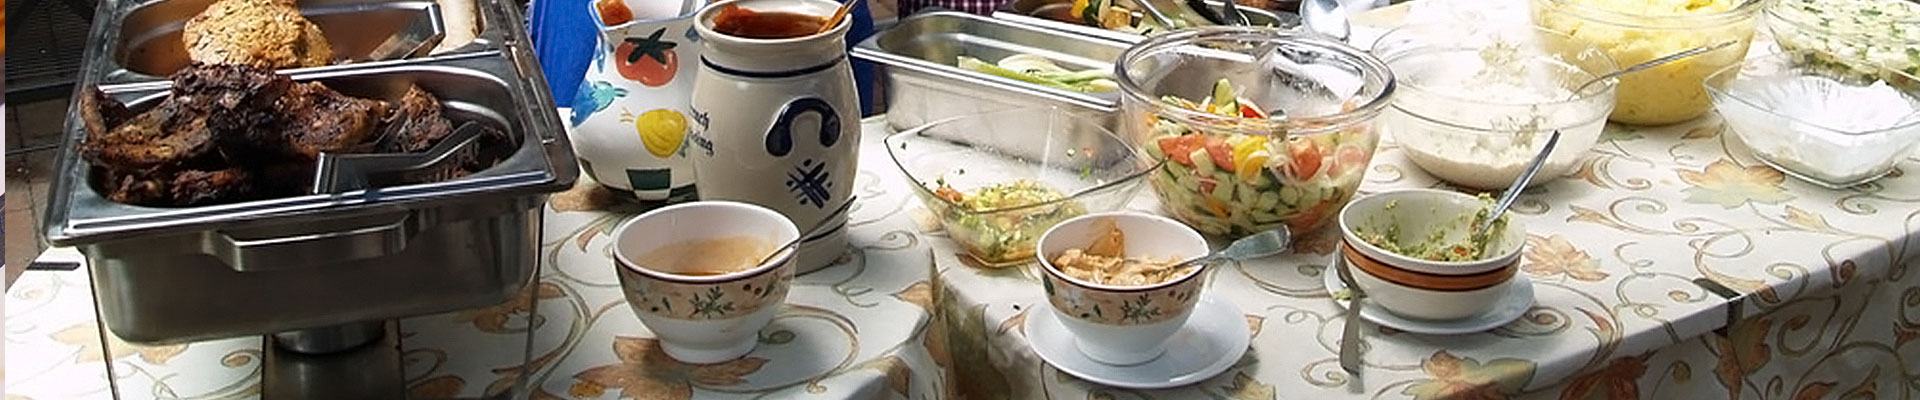 Herrlich angerichteter Tisch mit vielen verschiedenen Köstlichkeiten